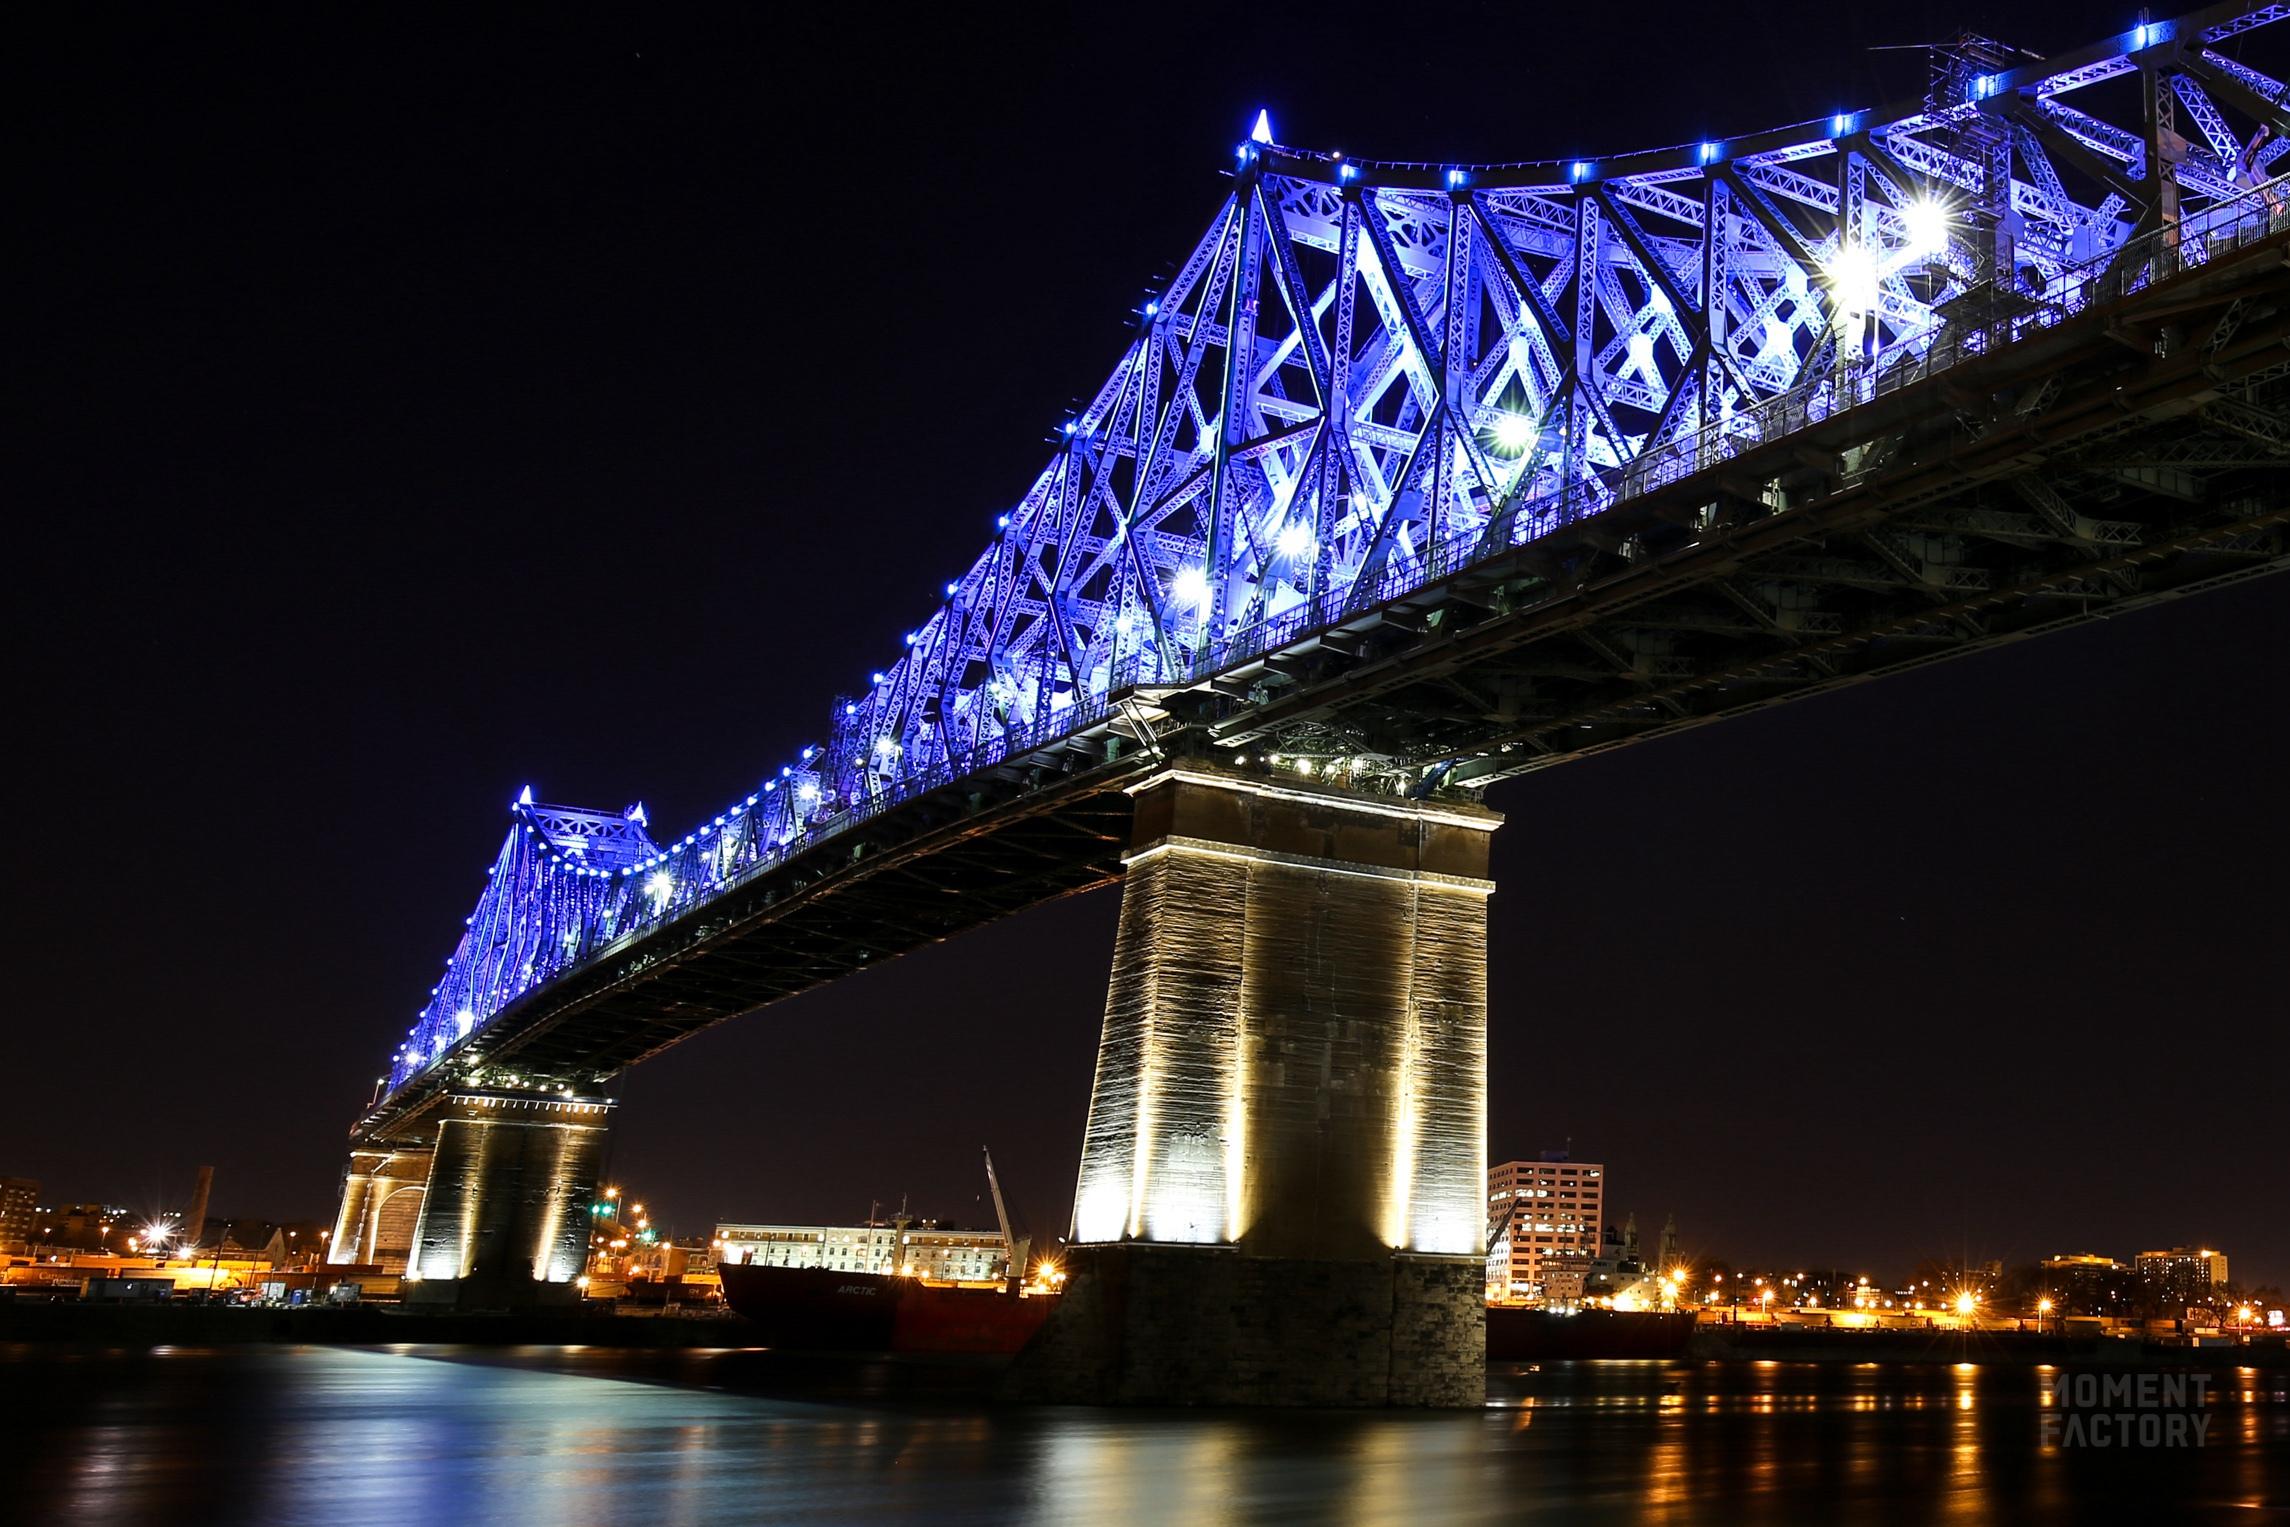 飞利浦照明用动态建筑照明点亮雅克・卡蒂埃大桥,为蒙特利尔注入新的活力